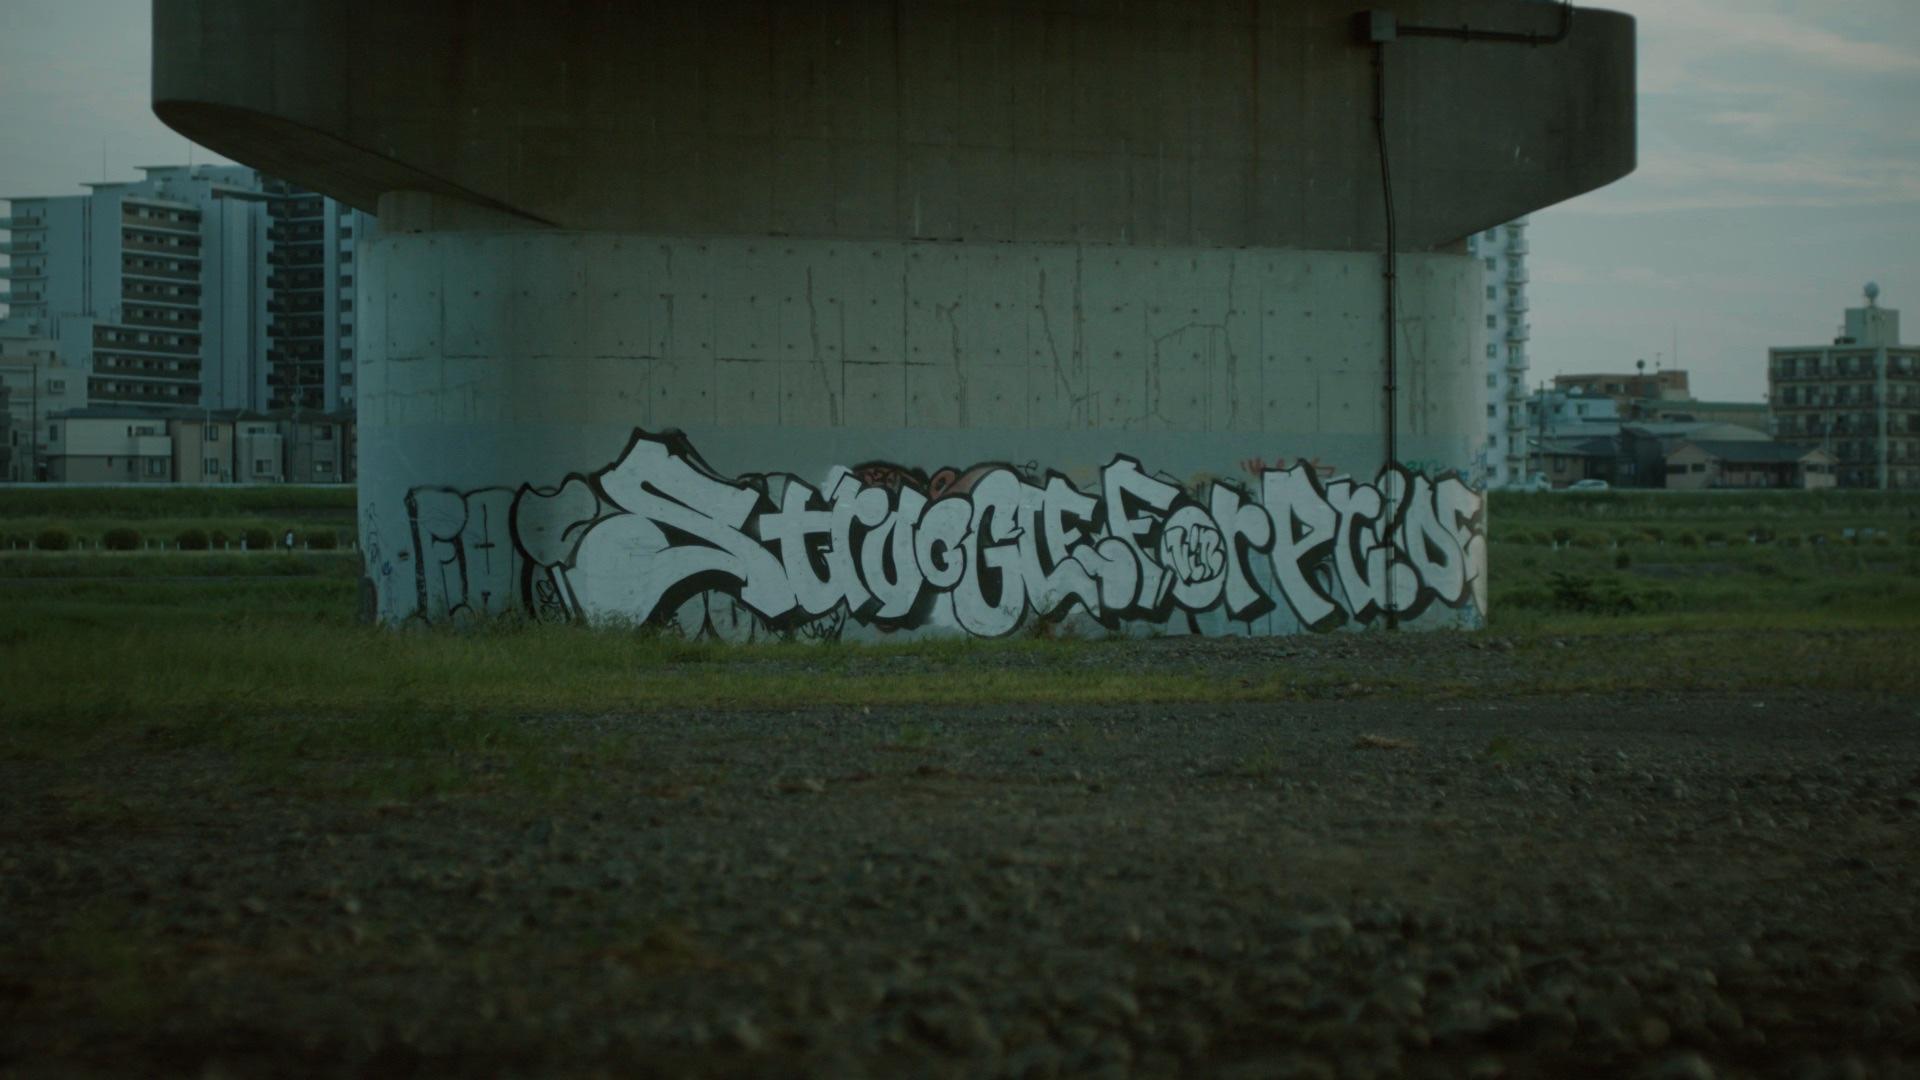 STRUGGLE FOR PRIDEのアルバム発売記念番組(監督:大石規湖)をスペースシャワーTVでオンエア&配信決定!